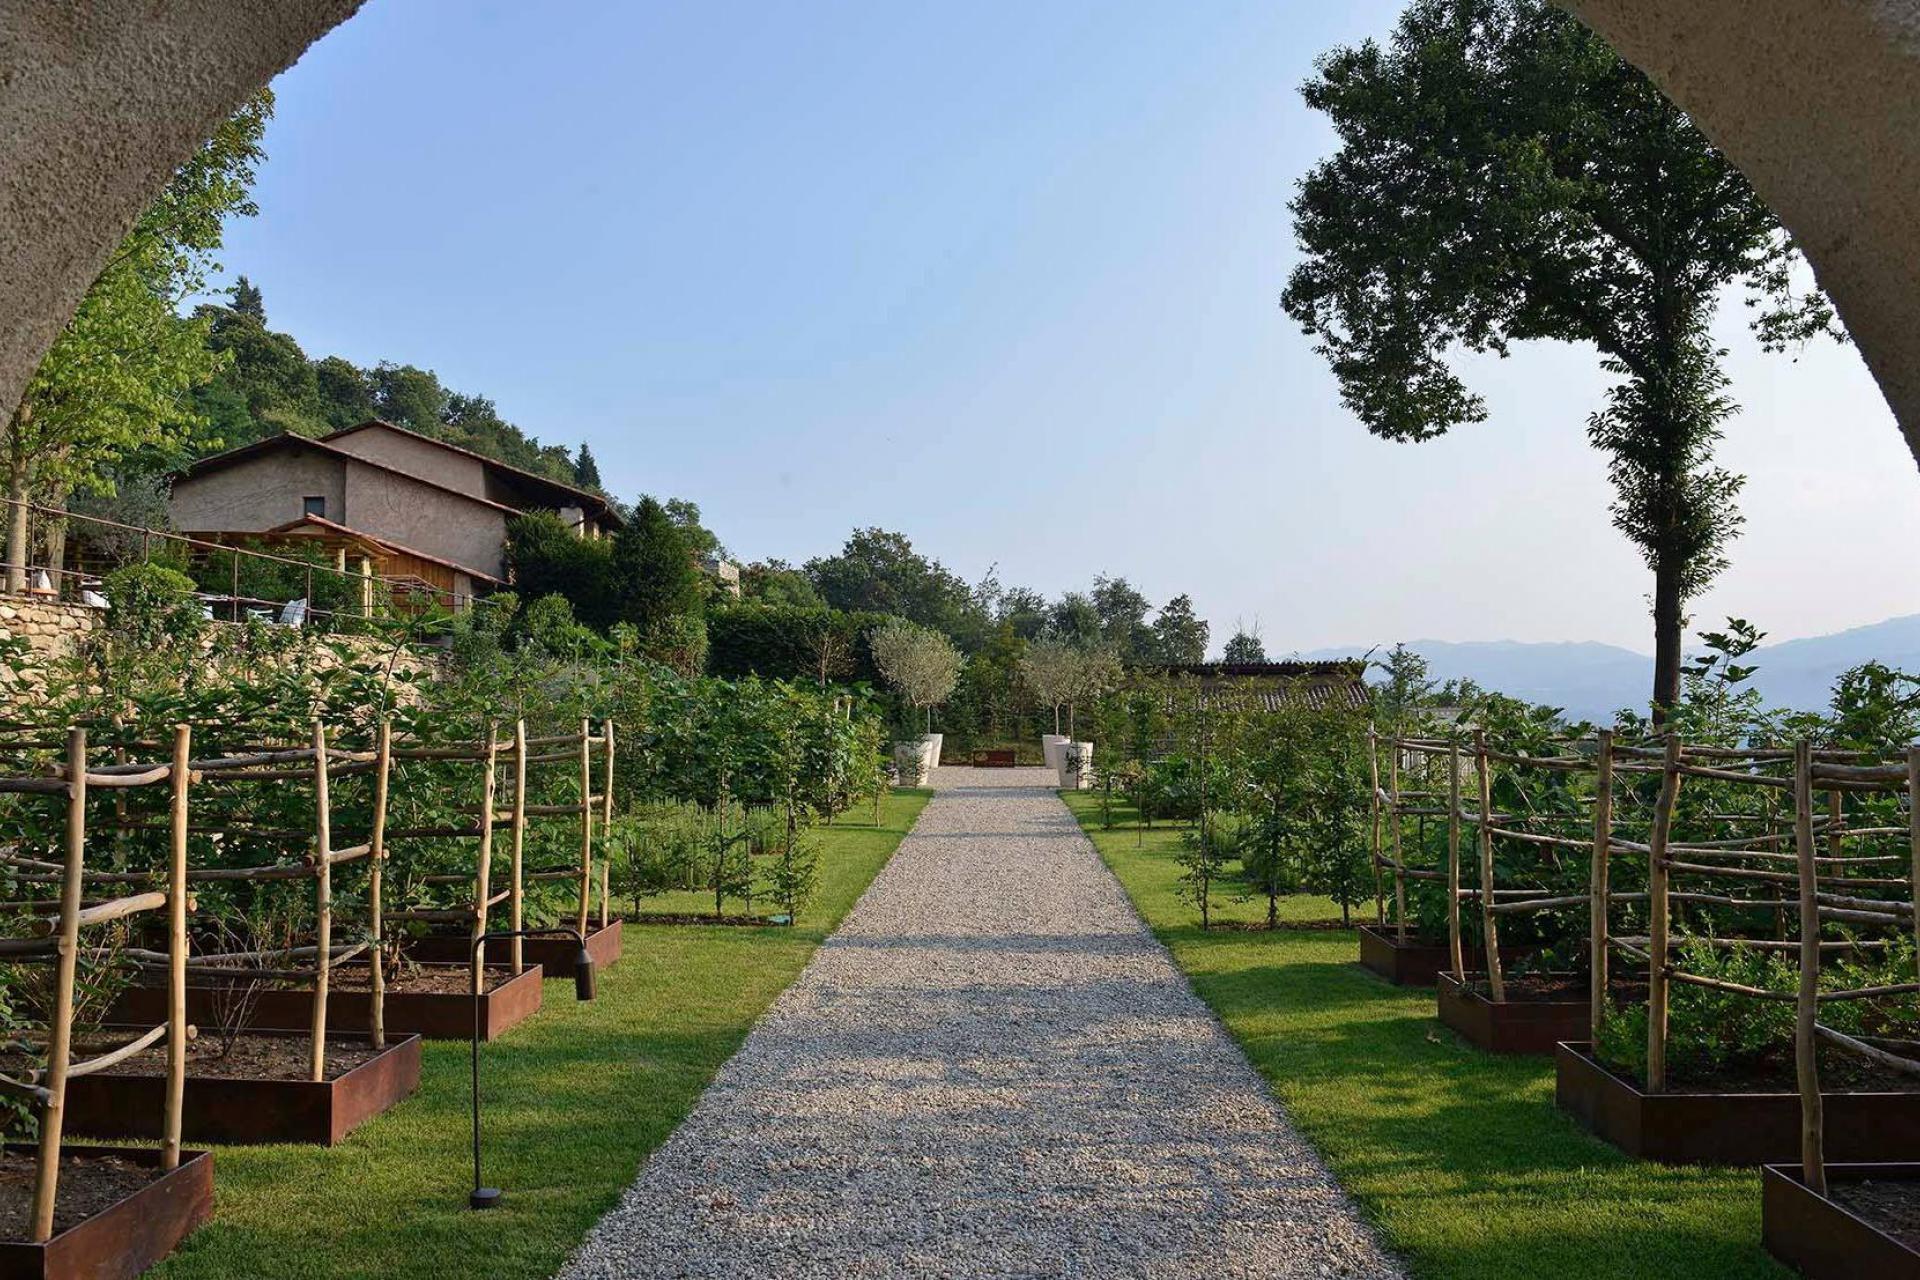 Agriturismo Comomeer en Gardameer Agriturismo Lago Maggiore, luxe en uitzonderlijk uitzicht